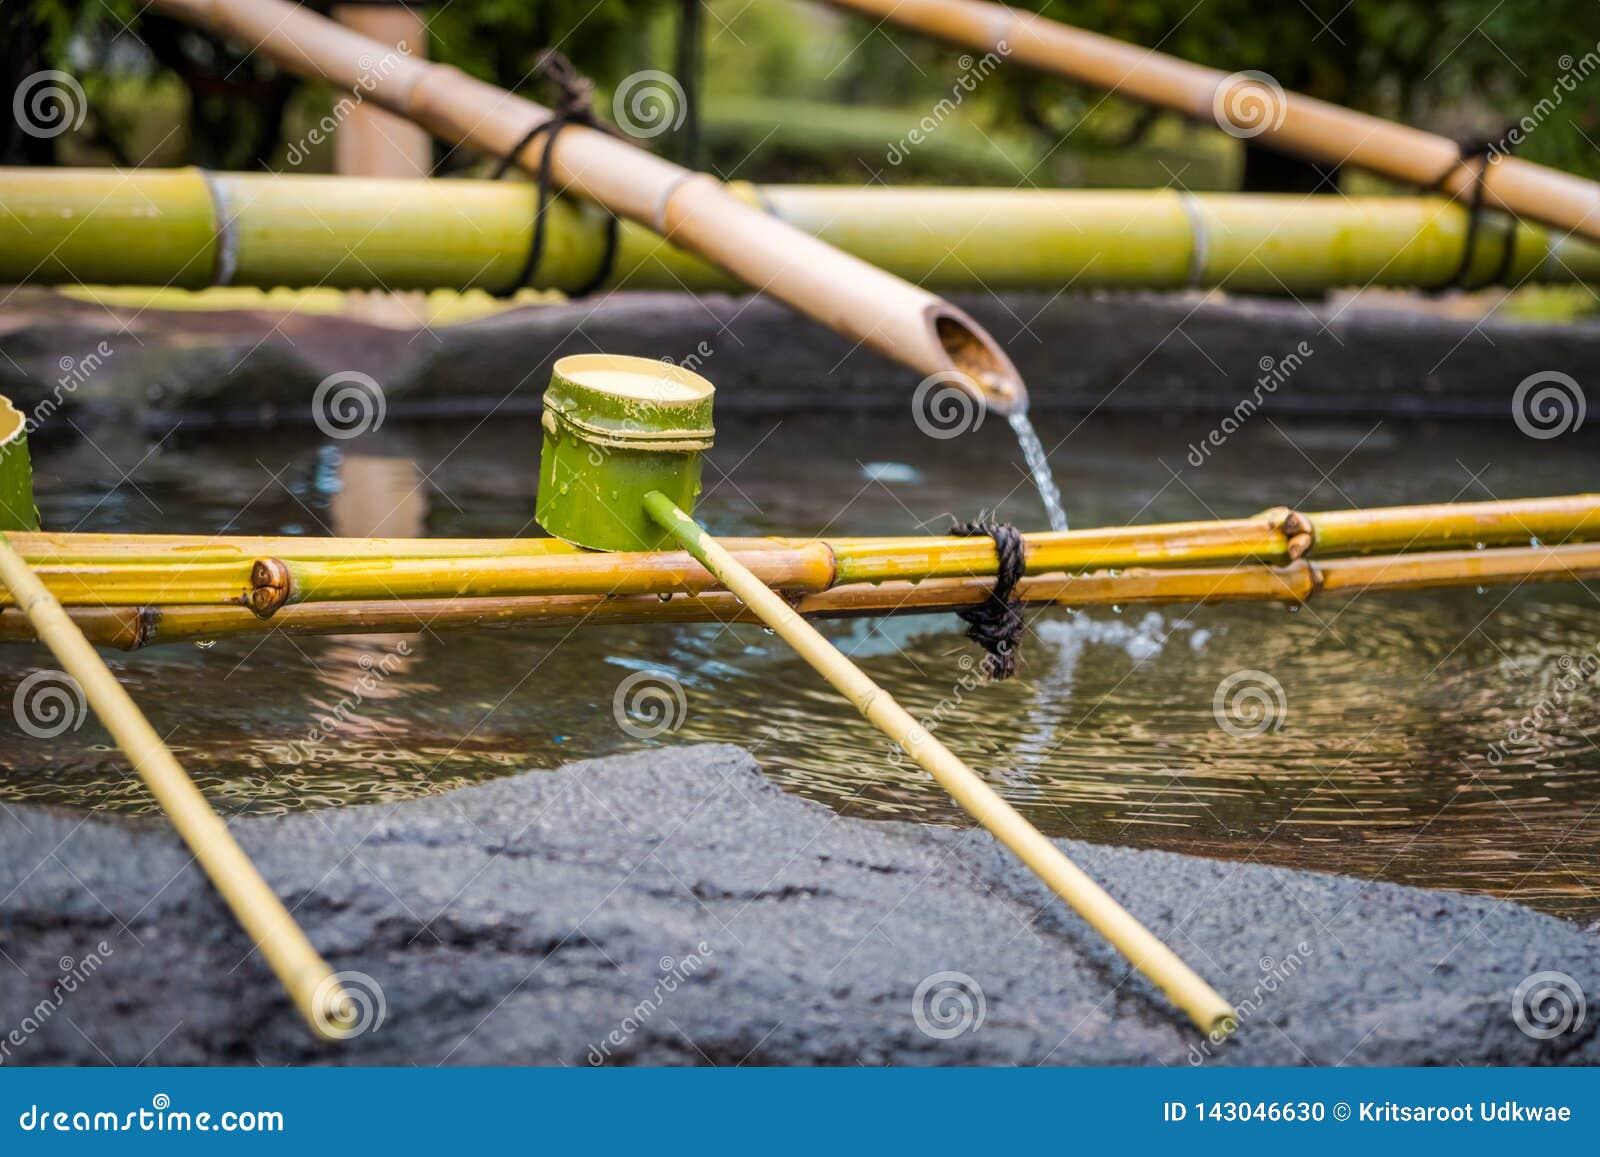 Η να καθαρίσει Shinto Omairi τελετή με τη χρησιμοποίηση του νερού στη σέσουλα μπαμπού πριν από εισάγεται στο ναό στην Ιαπωνία